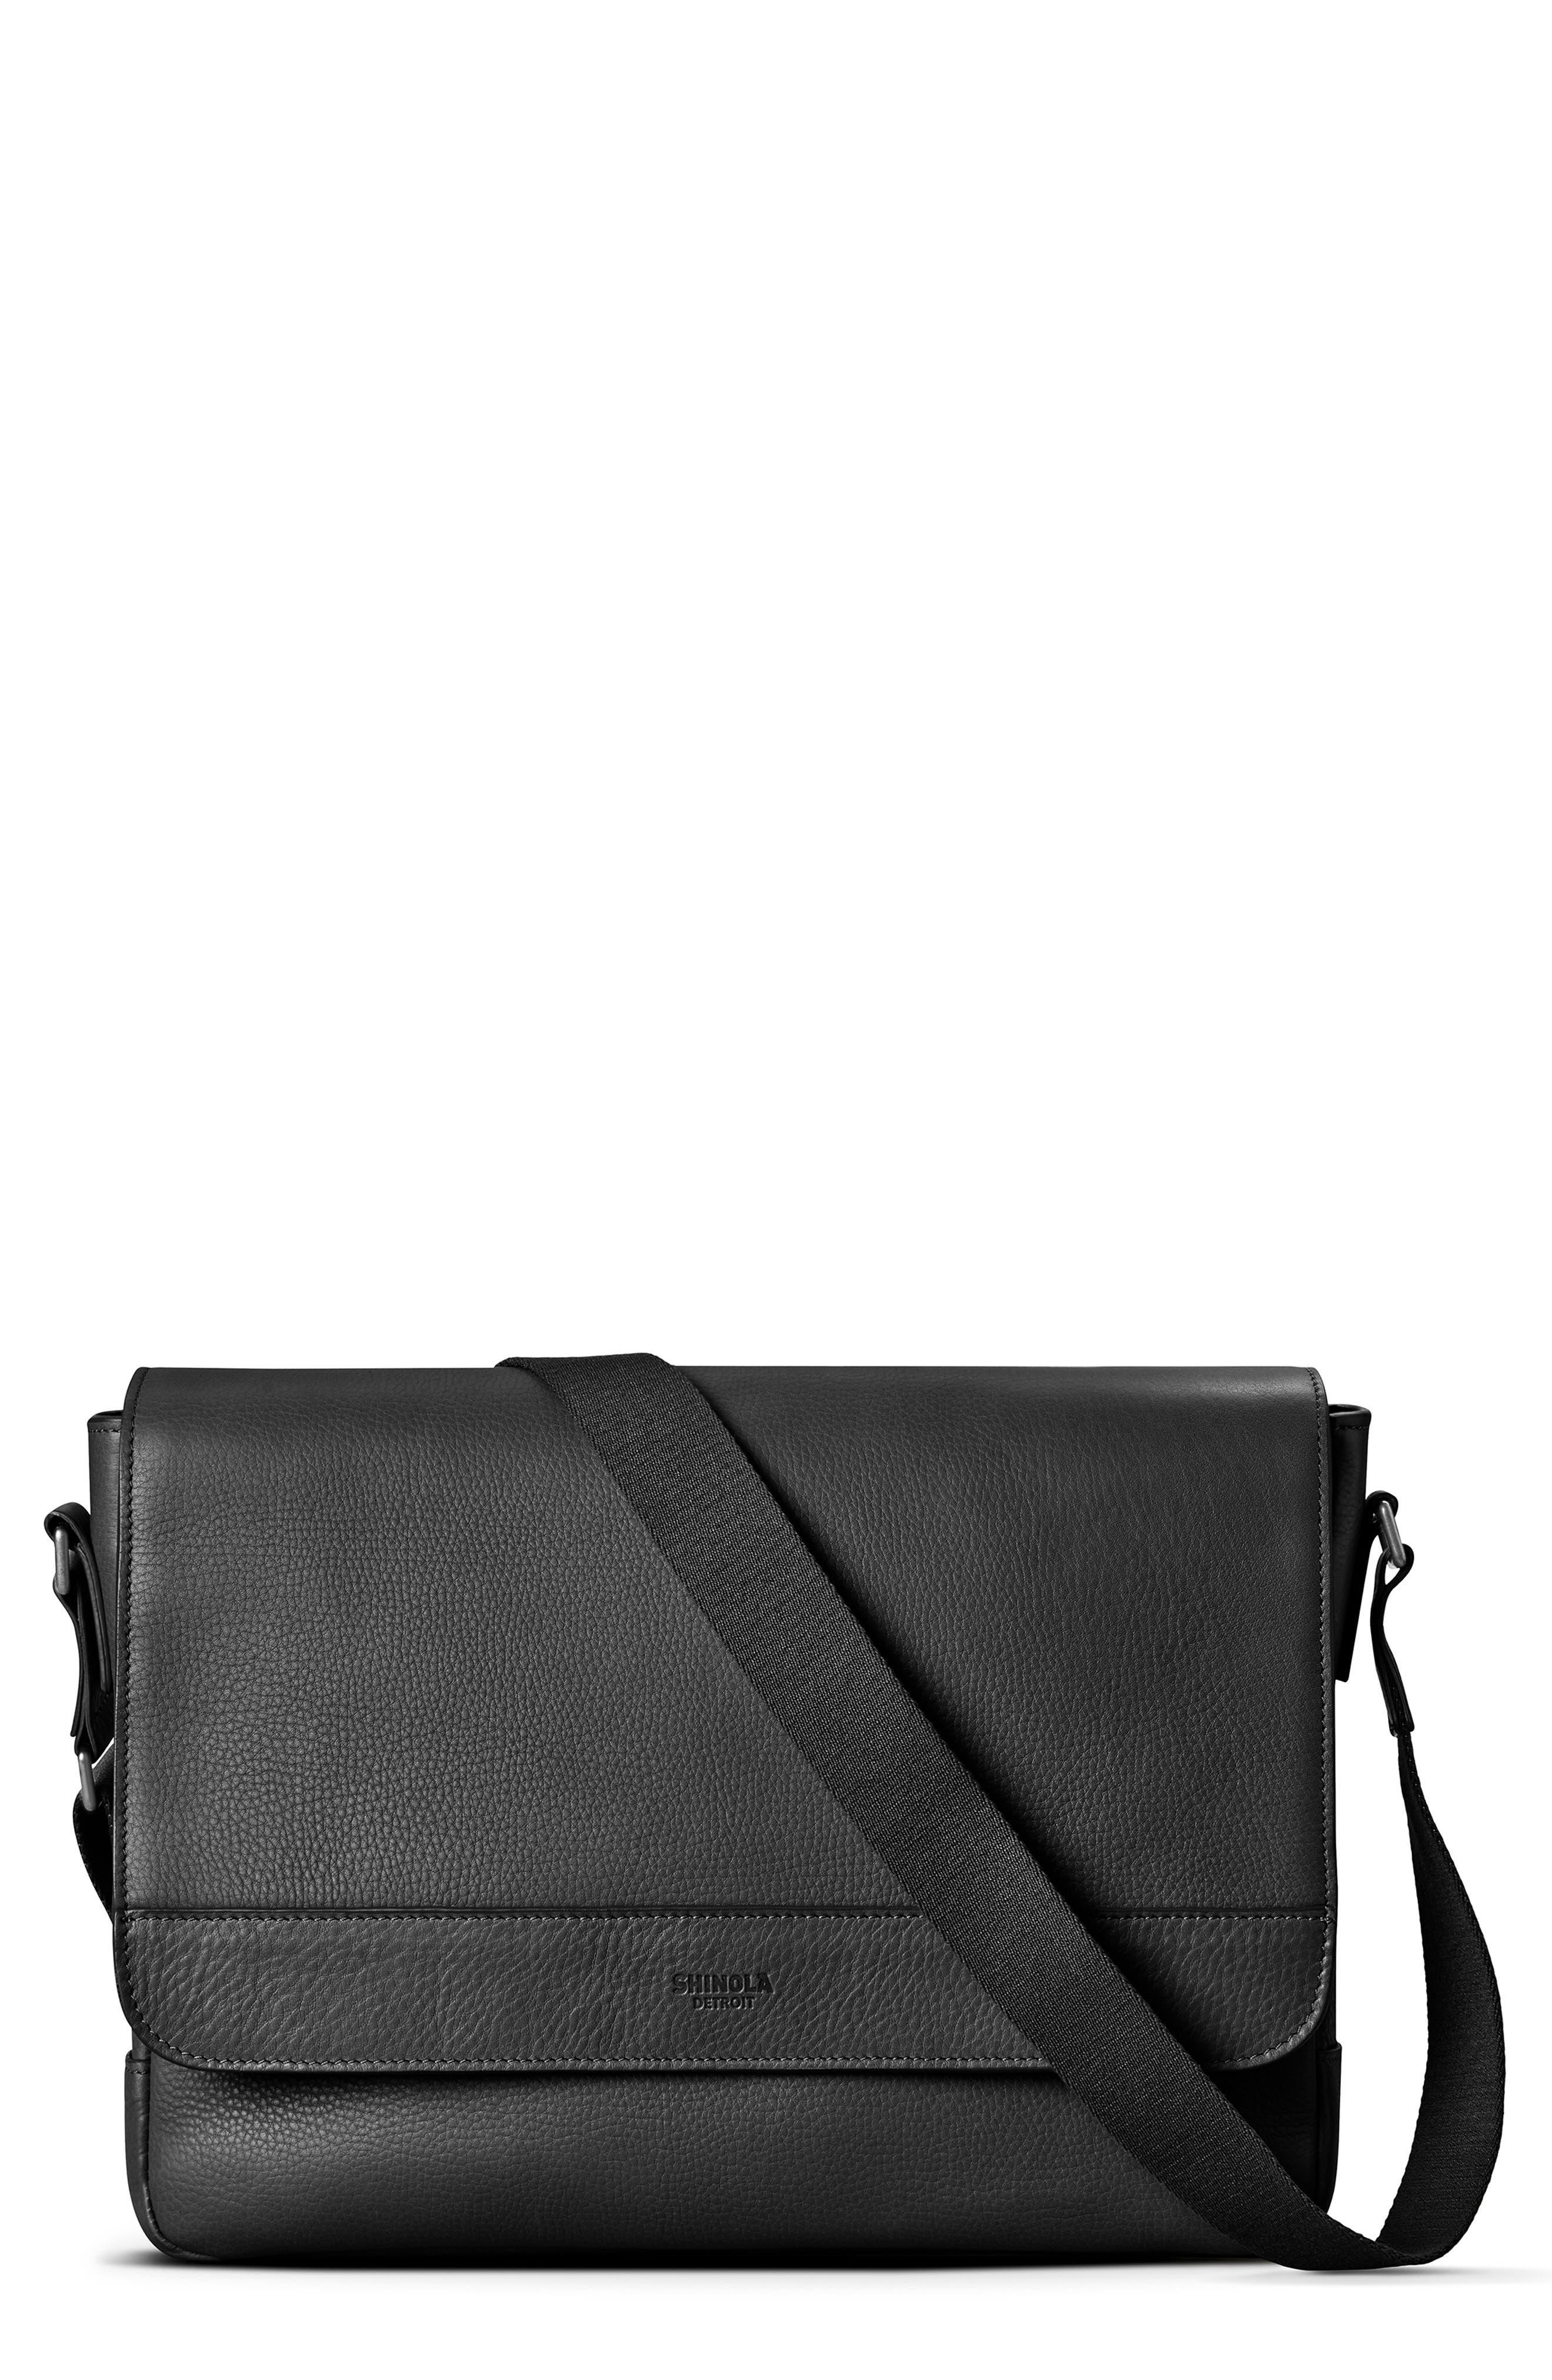 Slim Leather Messenger Bag, Main, color, BLACK